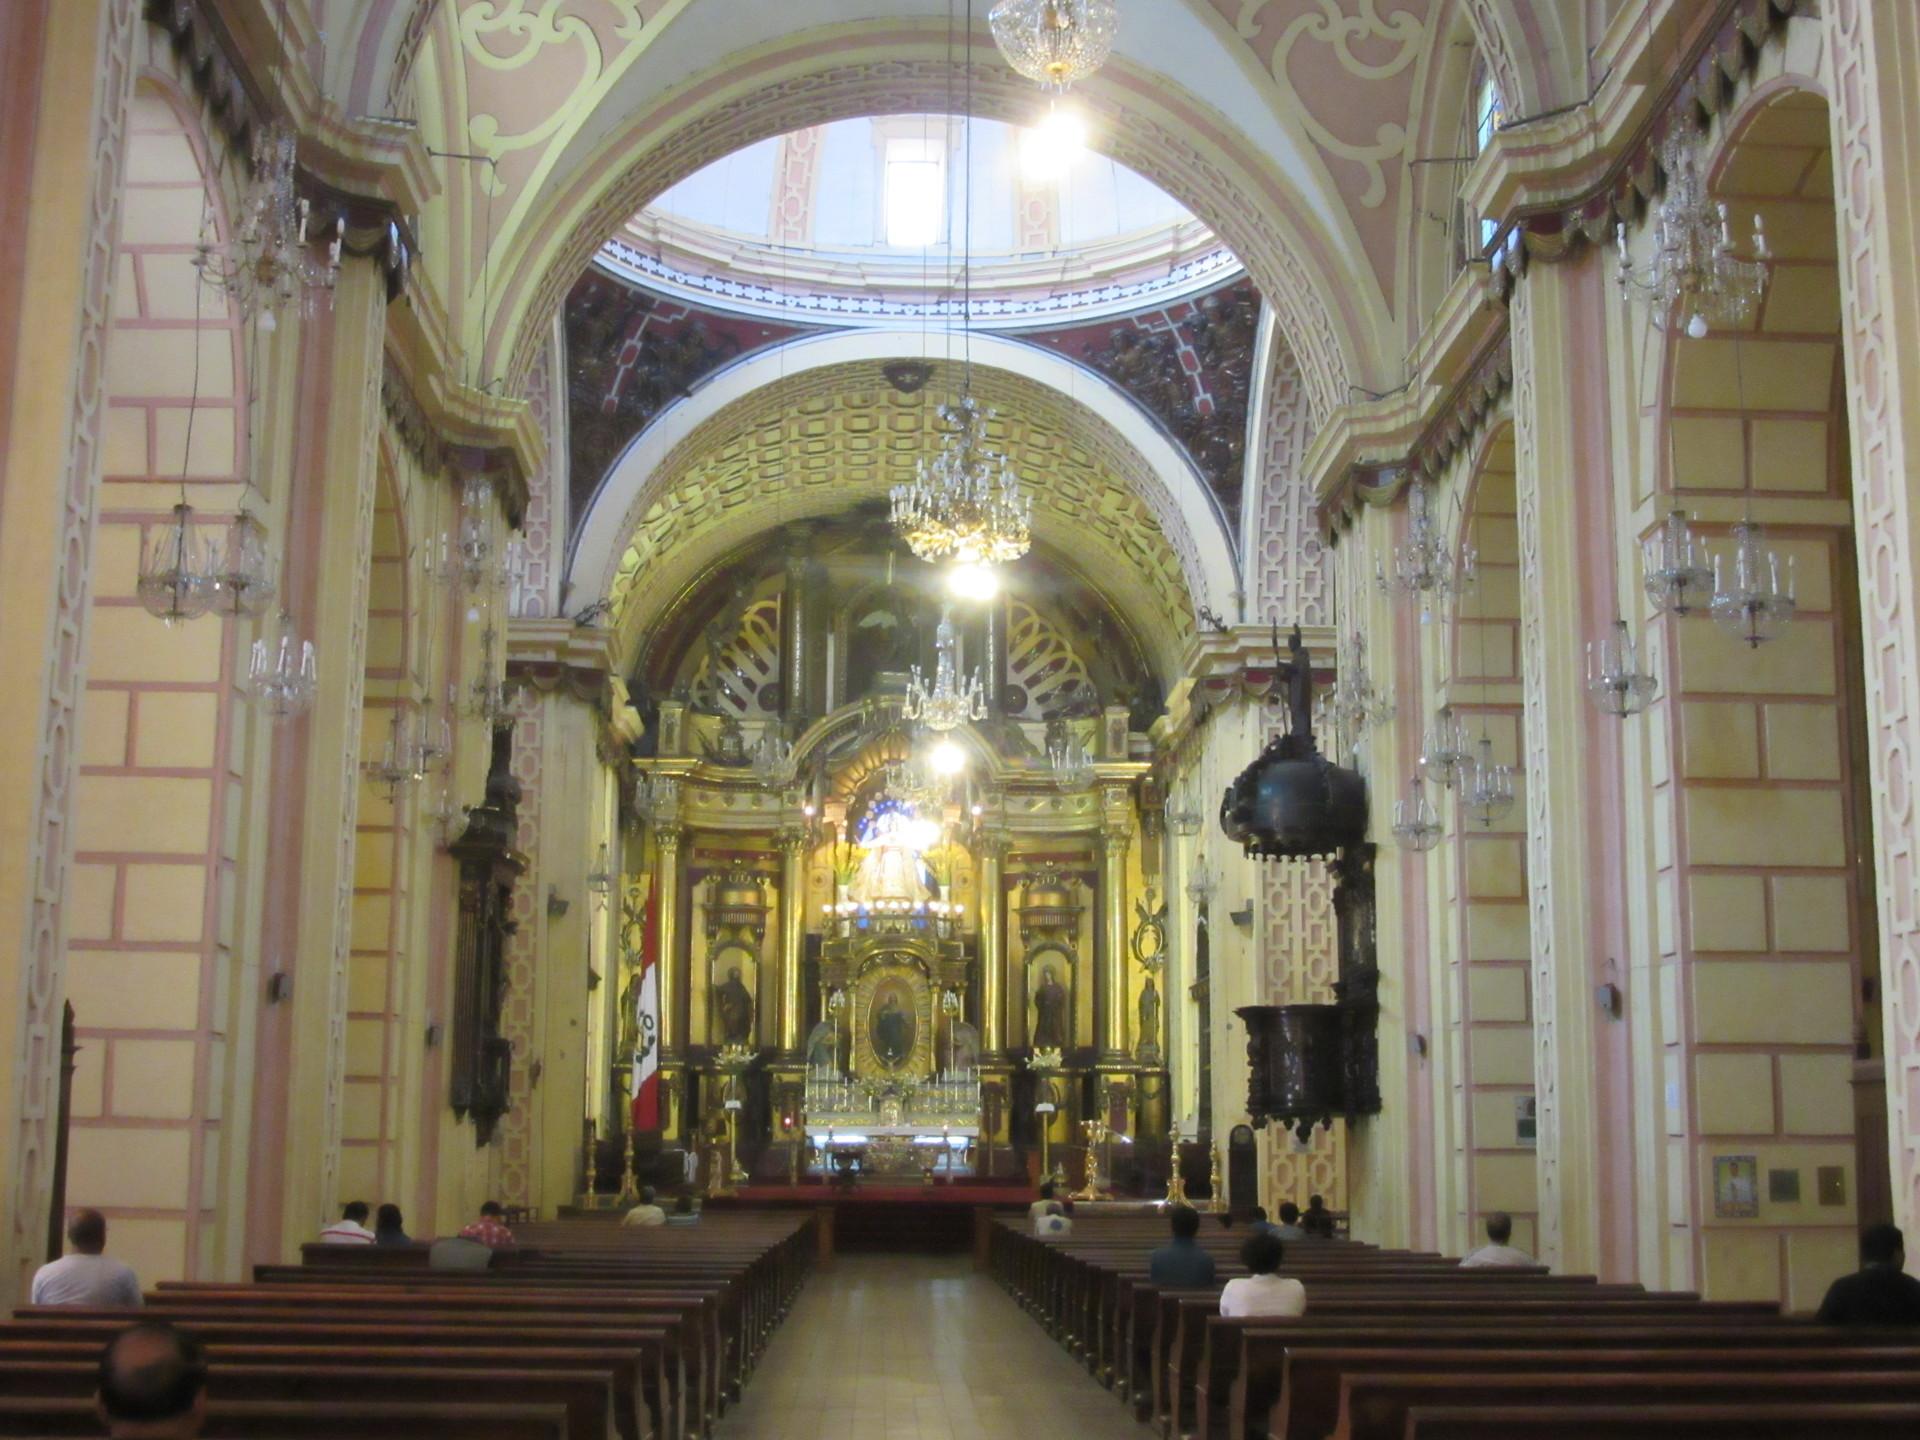 una-church-mas-481-anos-7a7979d5146d46c